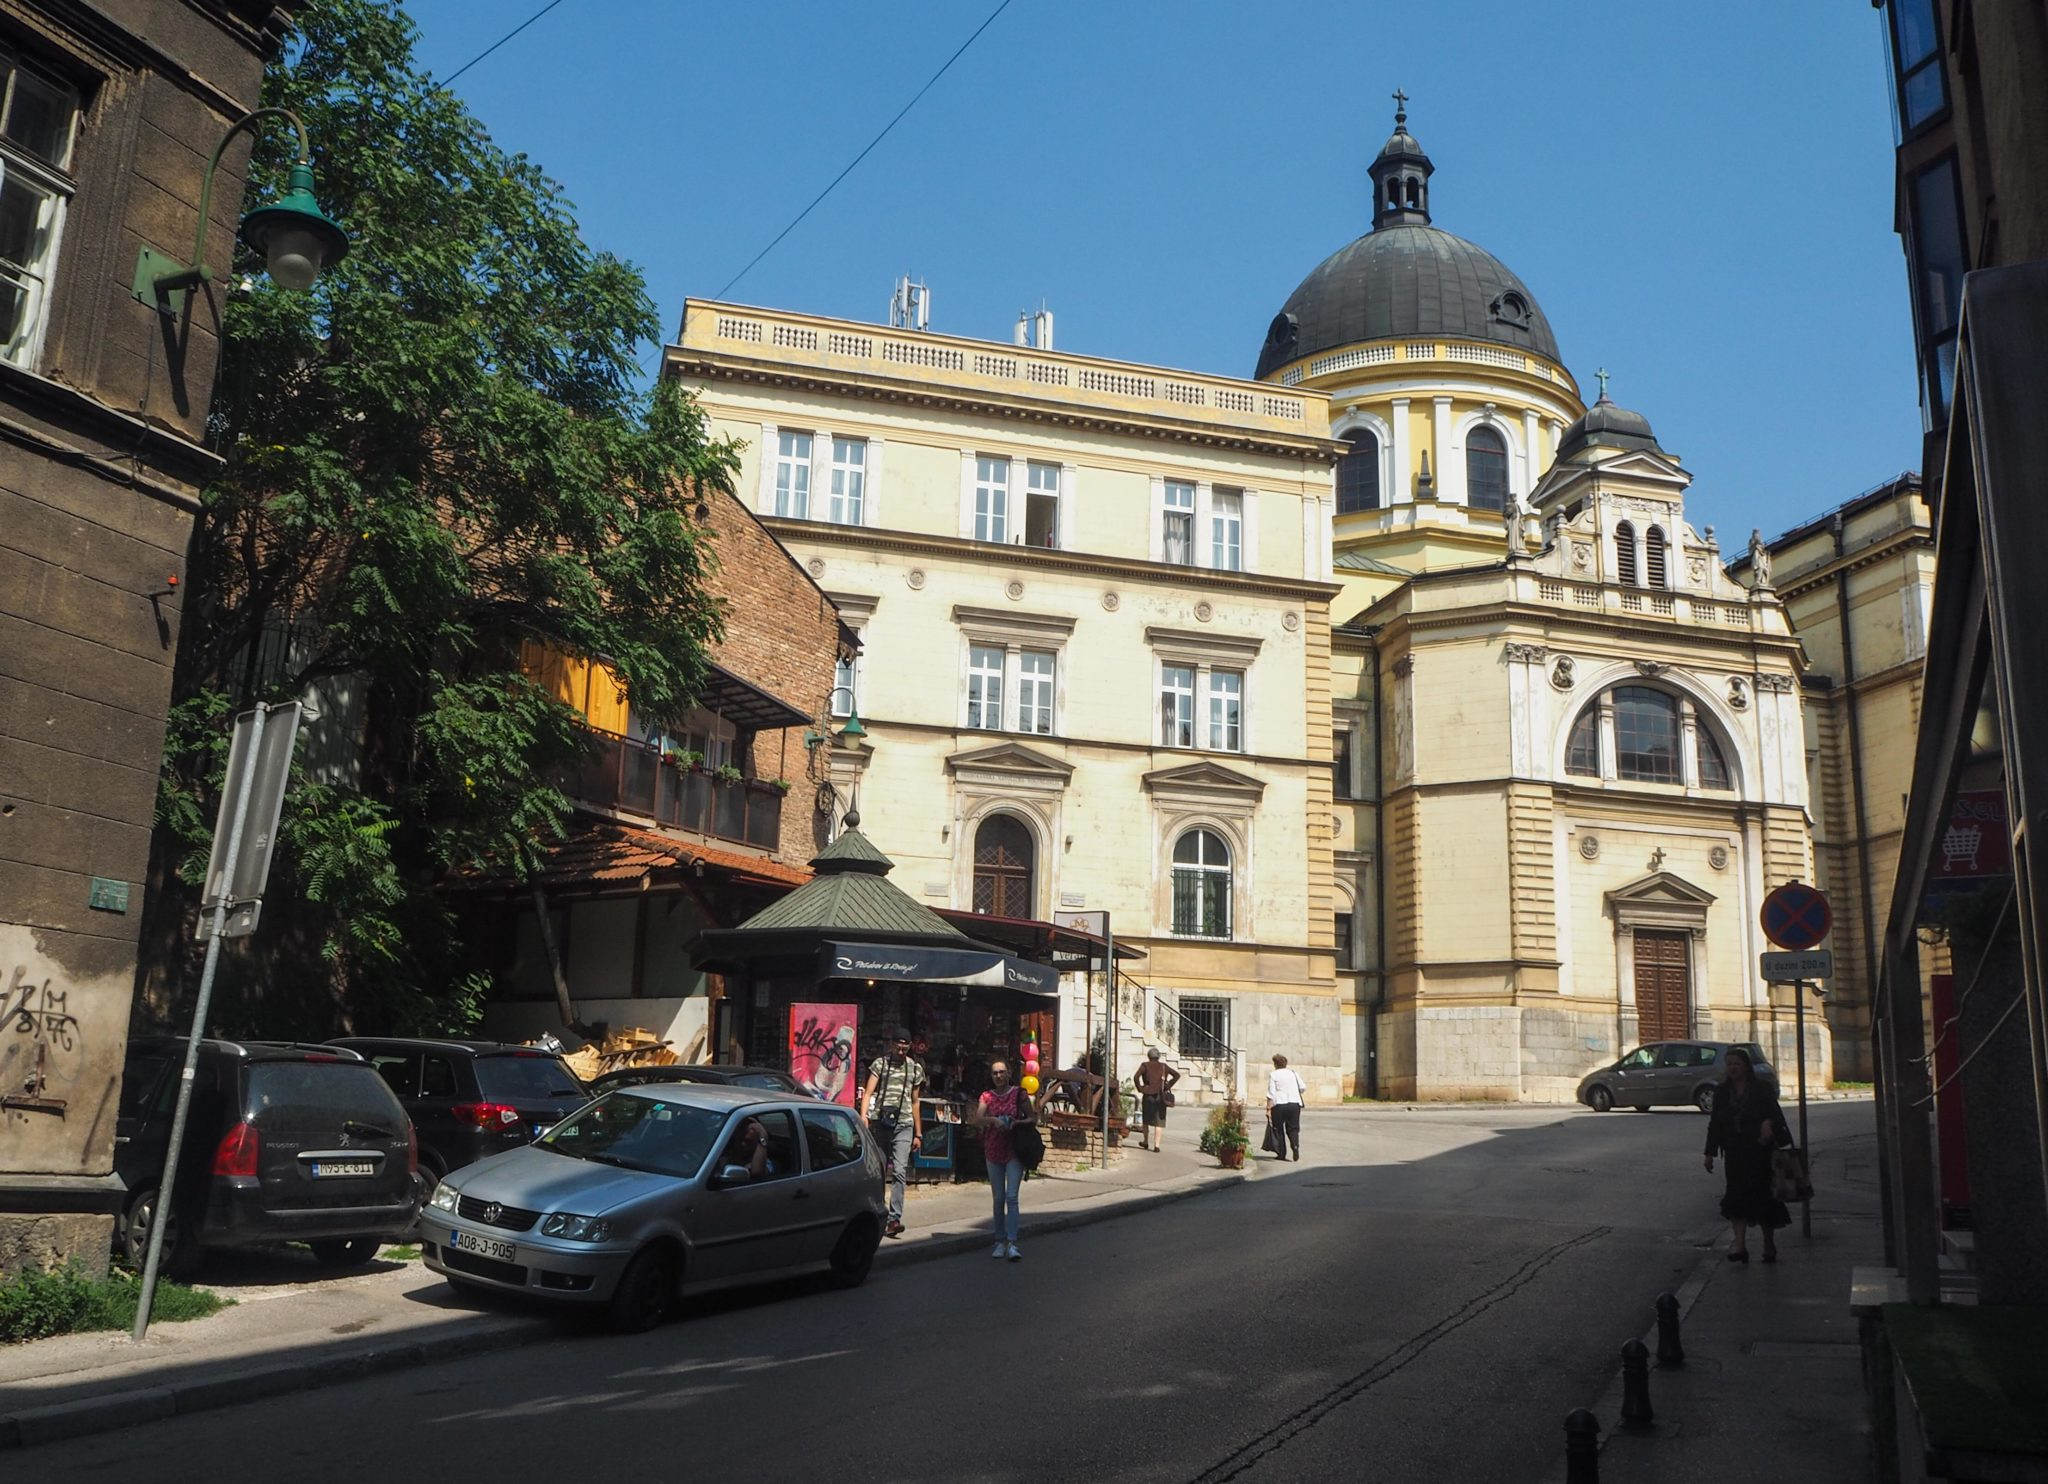 Visiter Sarajevo, la capitale de la Bosnie-Herzégovine: un été nomade à Sarajevo, un coup de coeur! Que faire et que visiter à Sarajevo? Le guide pratique complet pour découvrir Sarajevo et la Bosnie